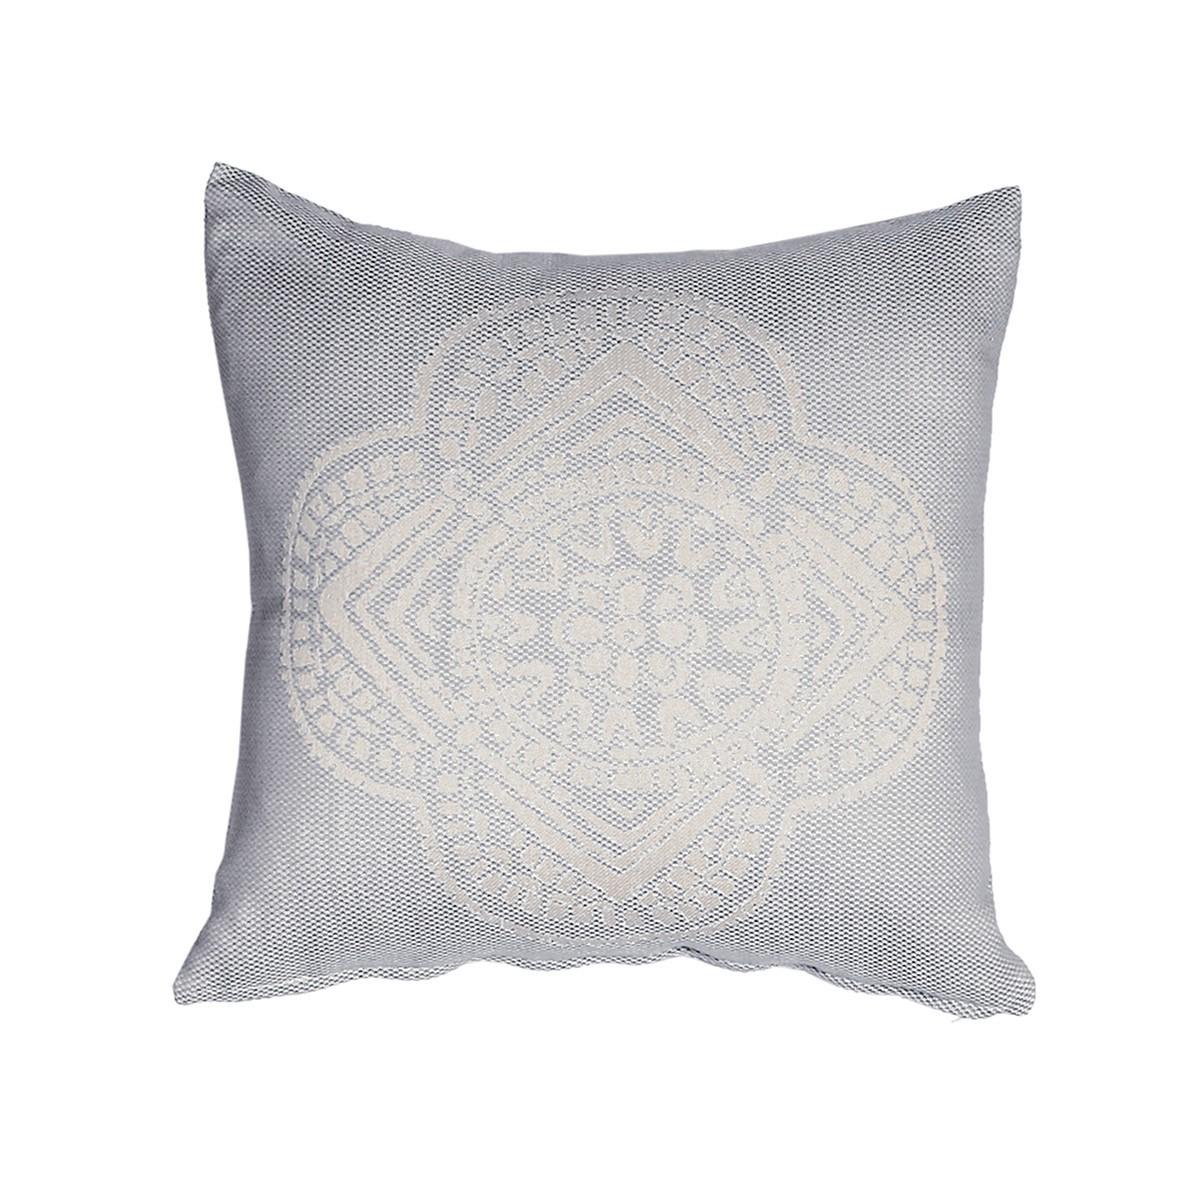 Διακοσμητικό Μαξιλάρι Nef-Nef Vellore Grey